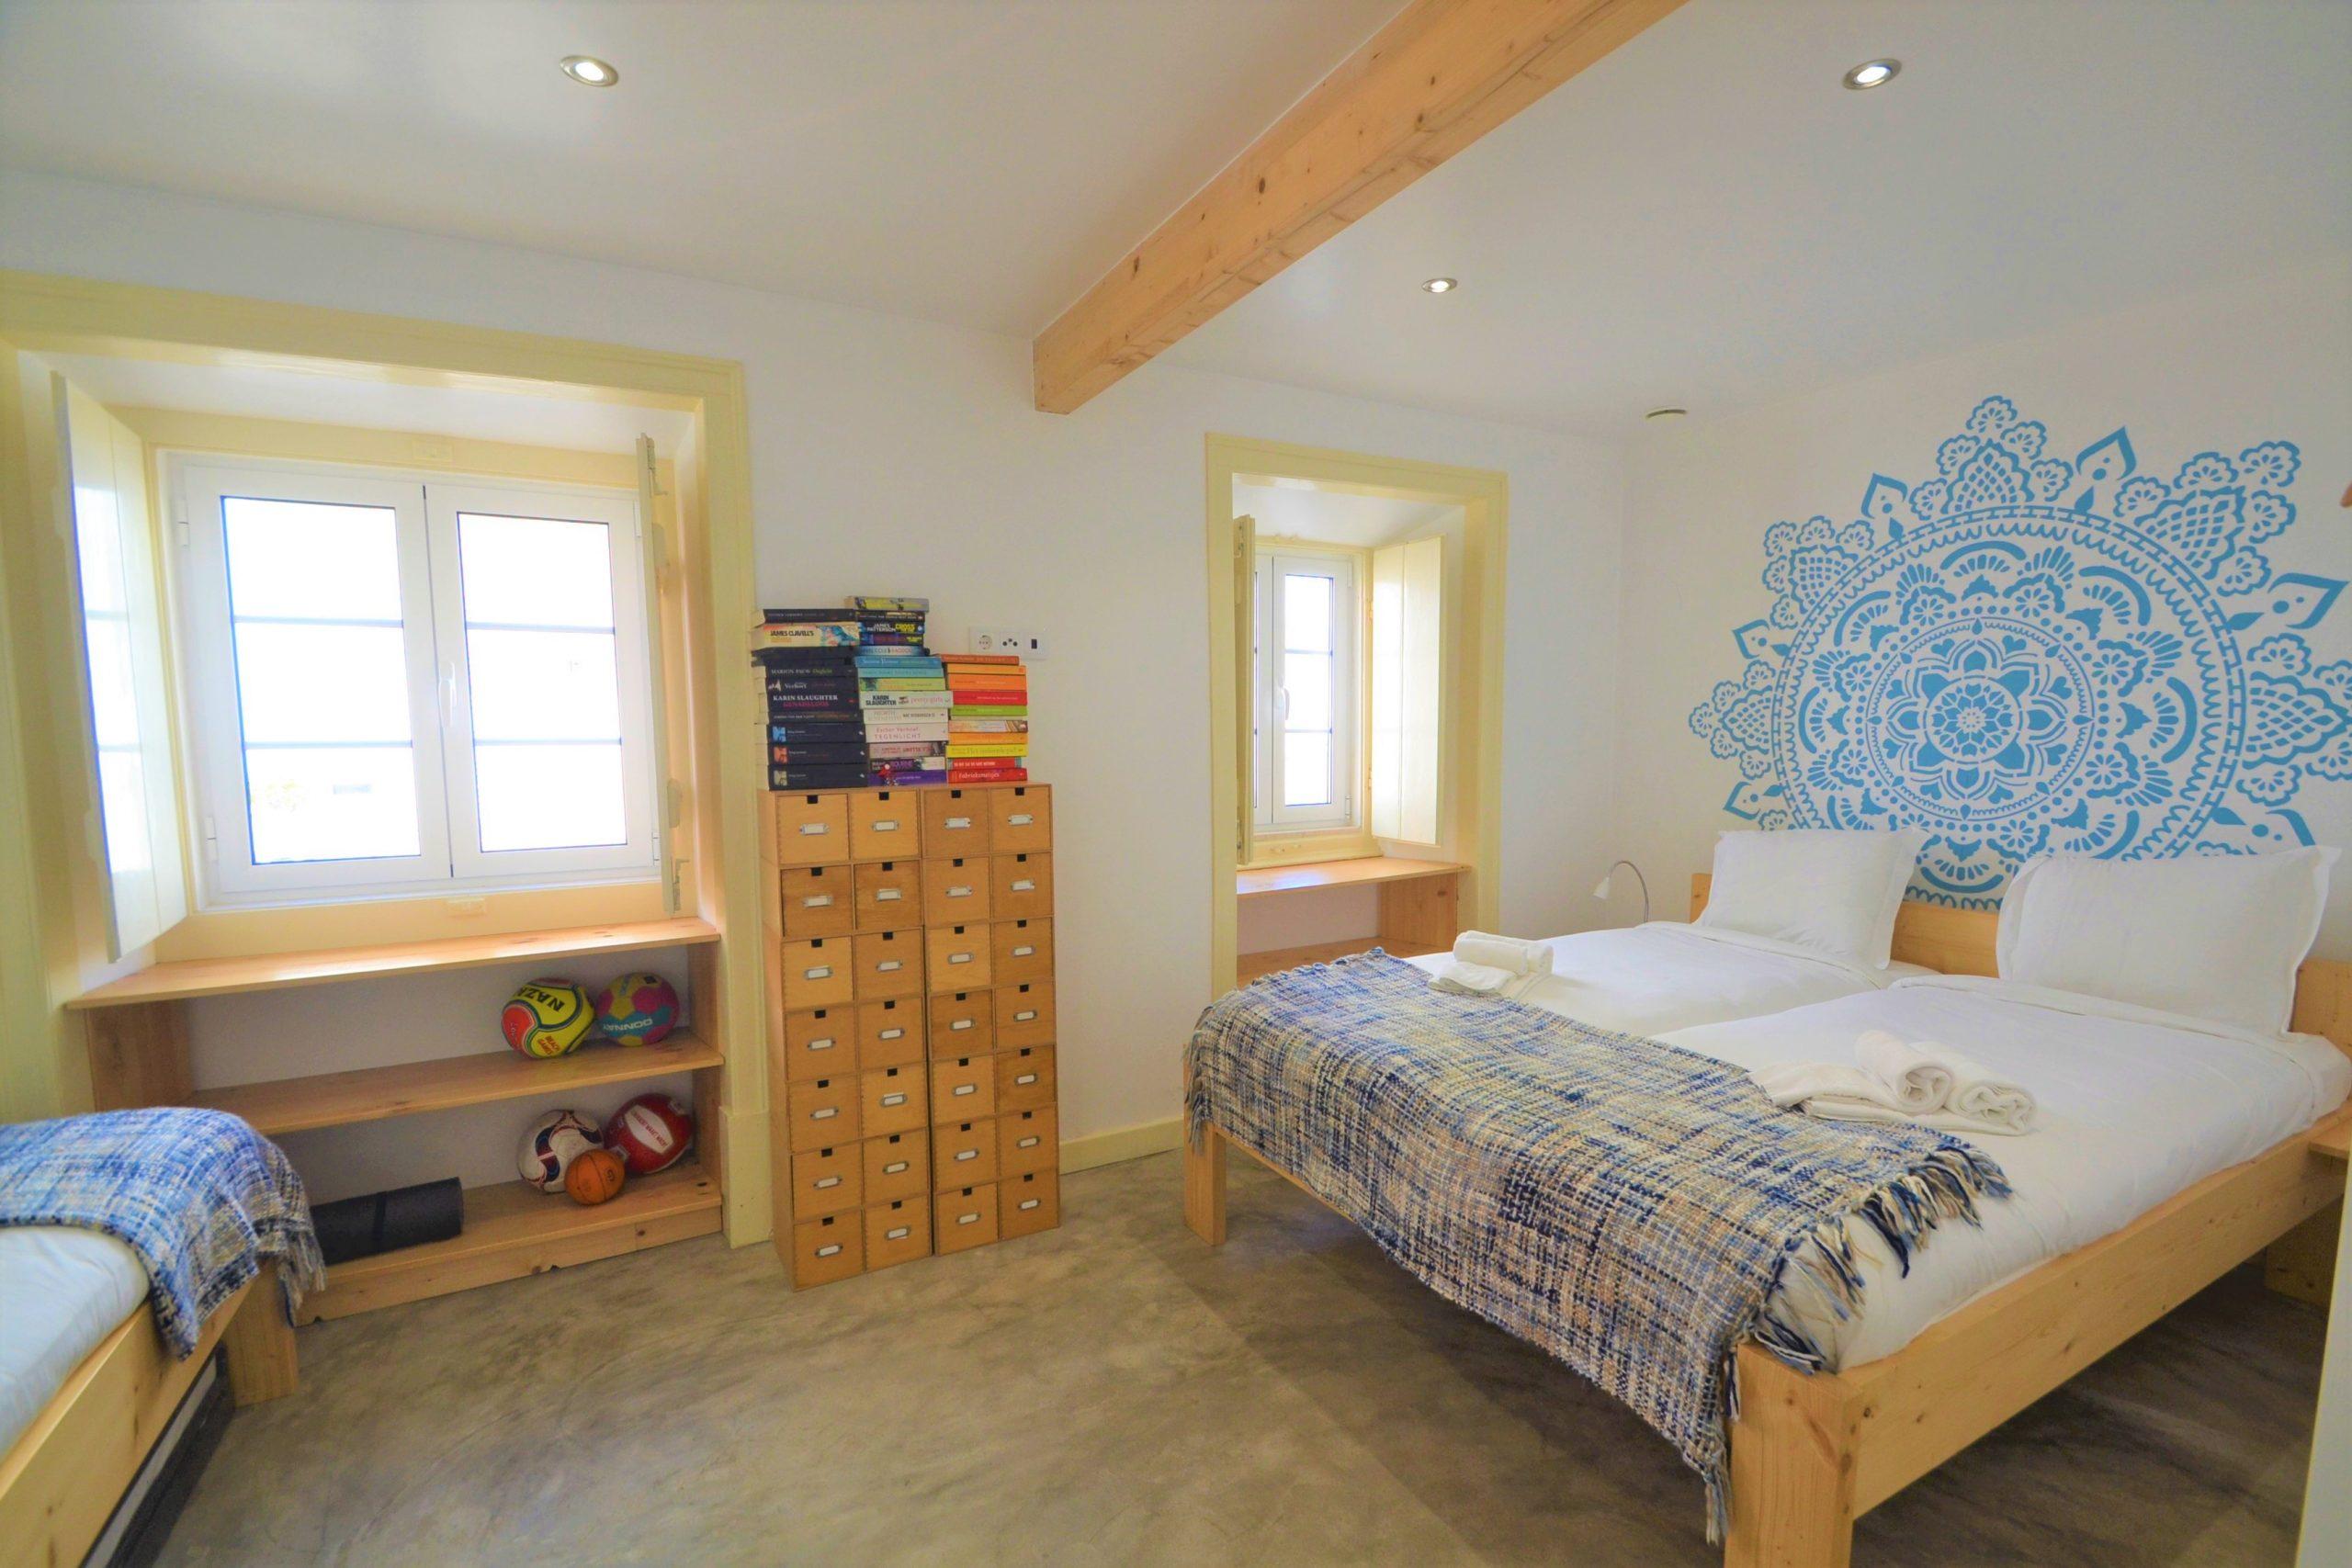 Quarto com 4 camas singulares/ Bedroom with 4 single beds